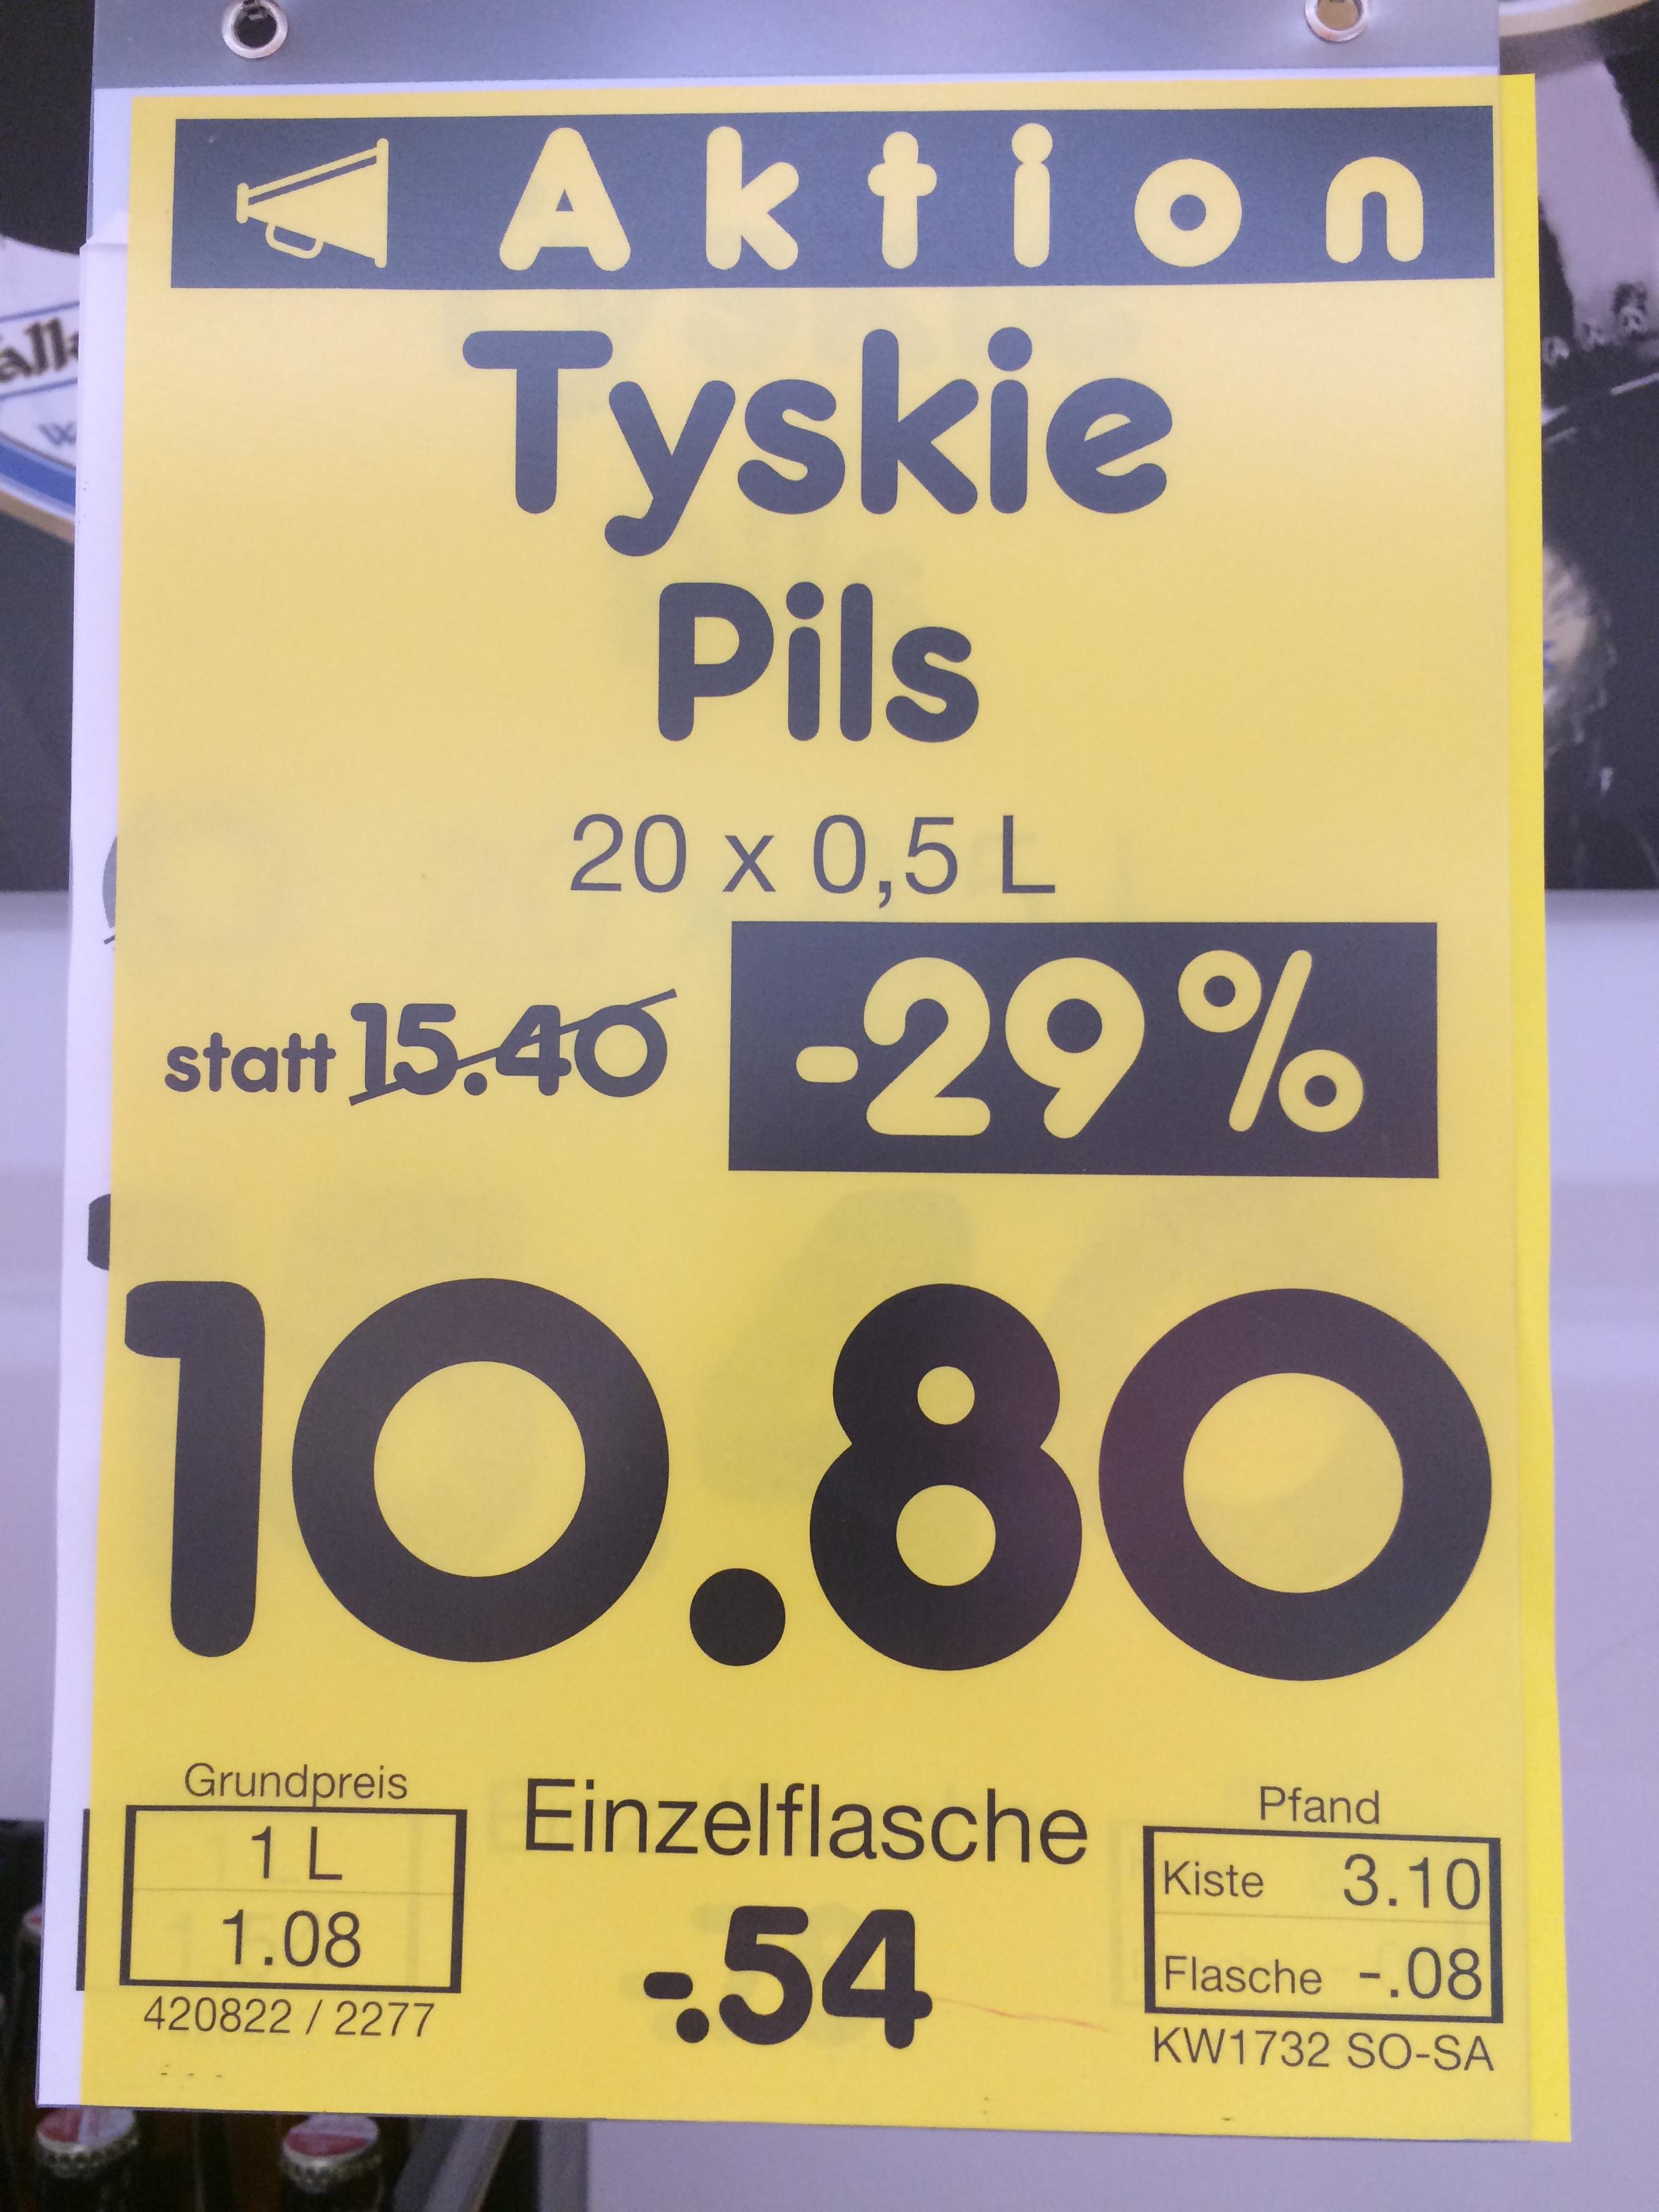 Tyskie Bier Pils Flasche: 54cent bei Netto